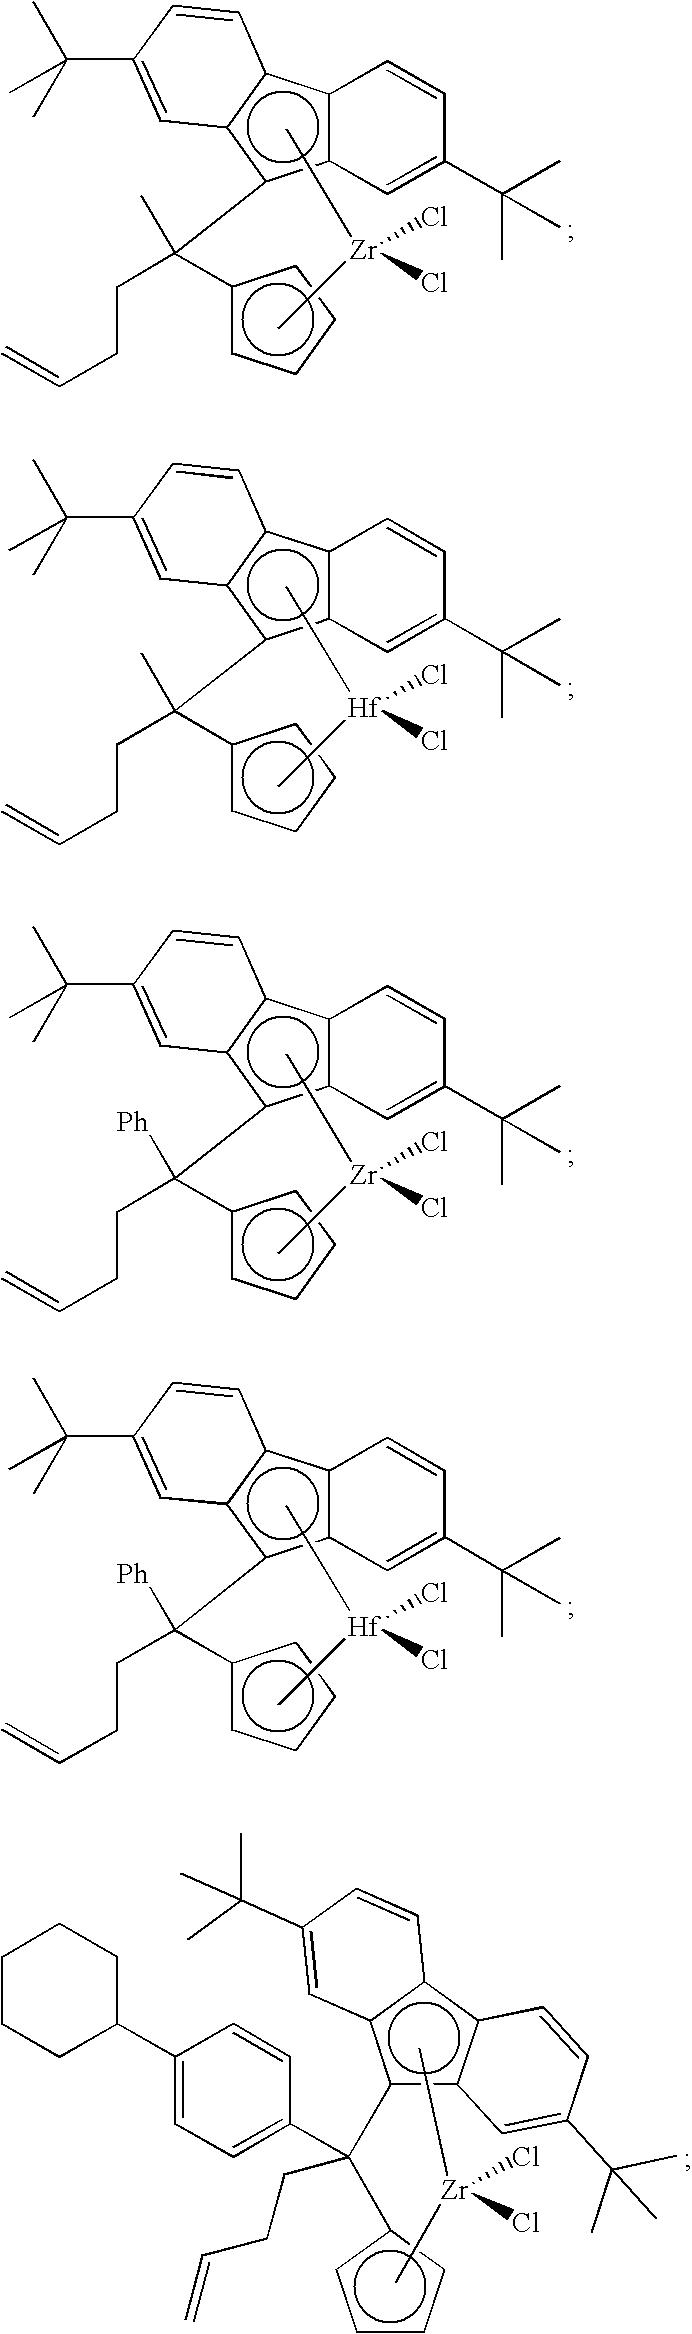 Figure US20100227989A1-20100909-C00005